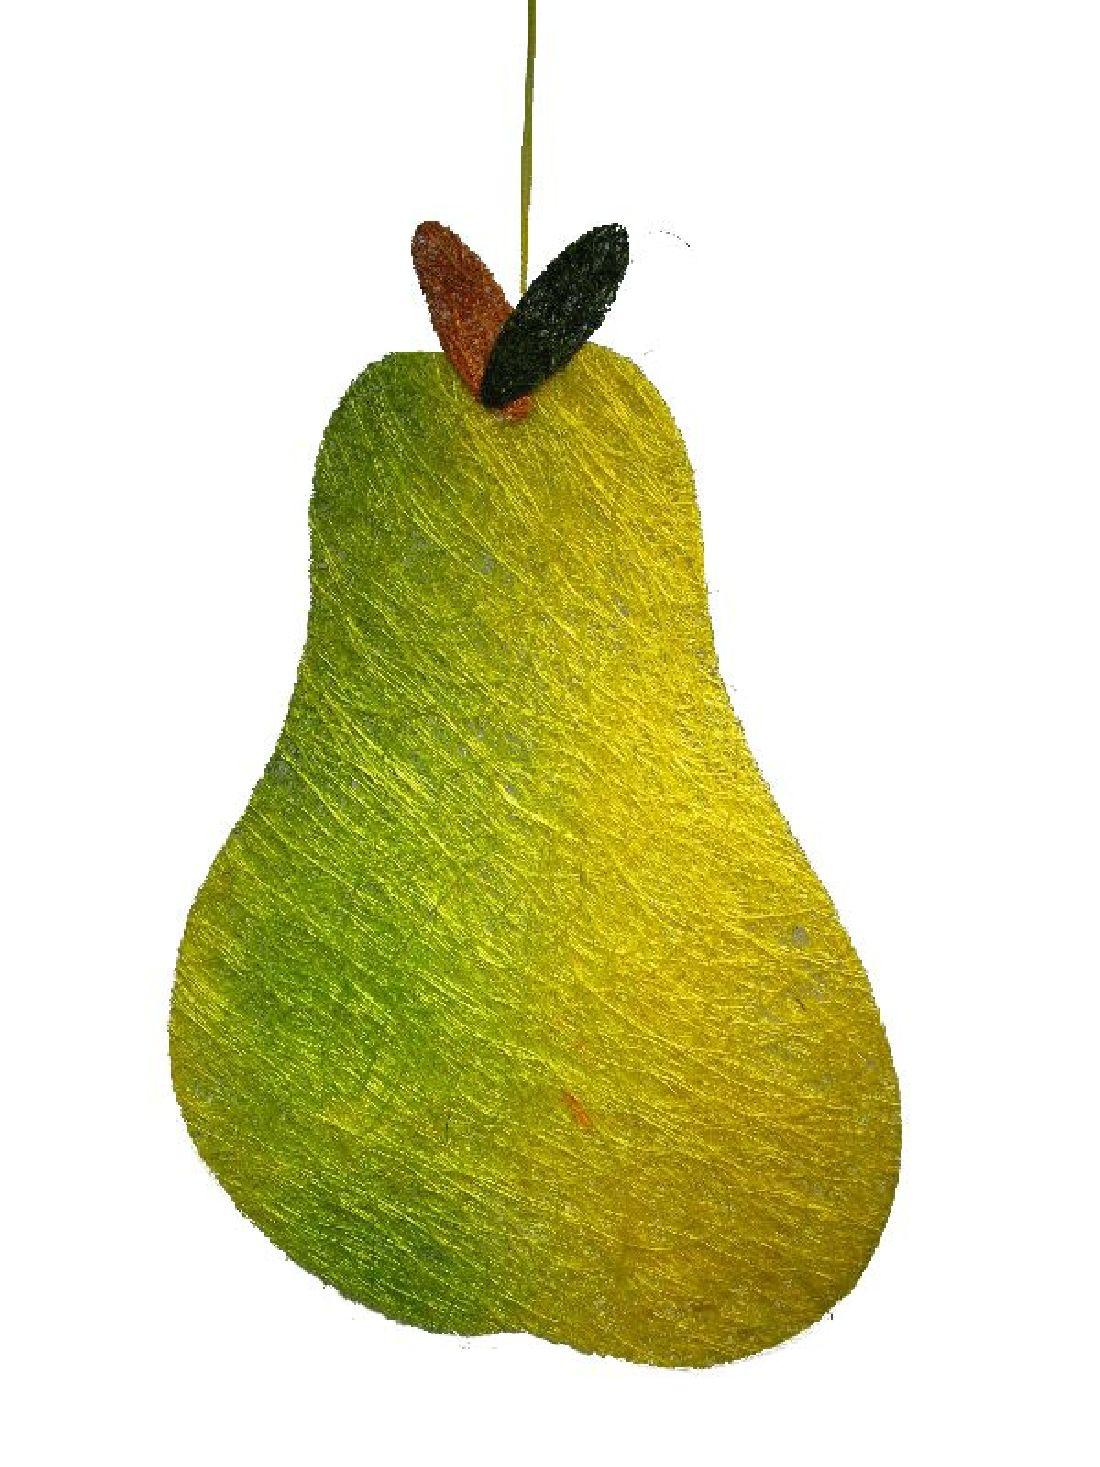 Sisal-Birne mit Hänger gelb-grün groß  19x27,5cm